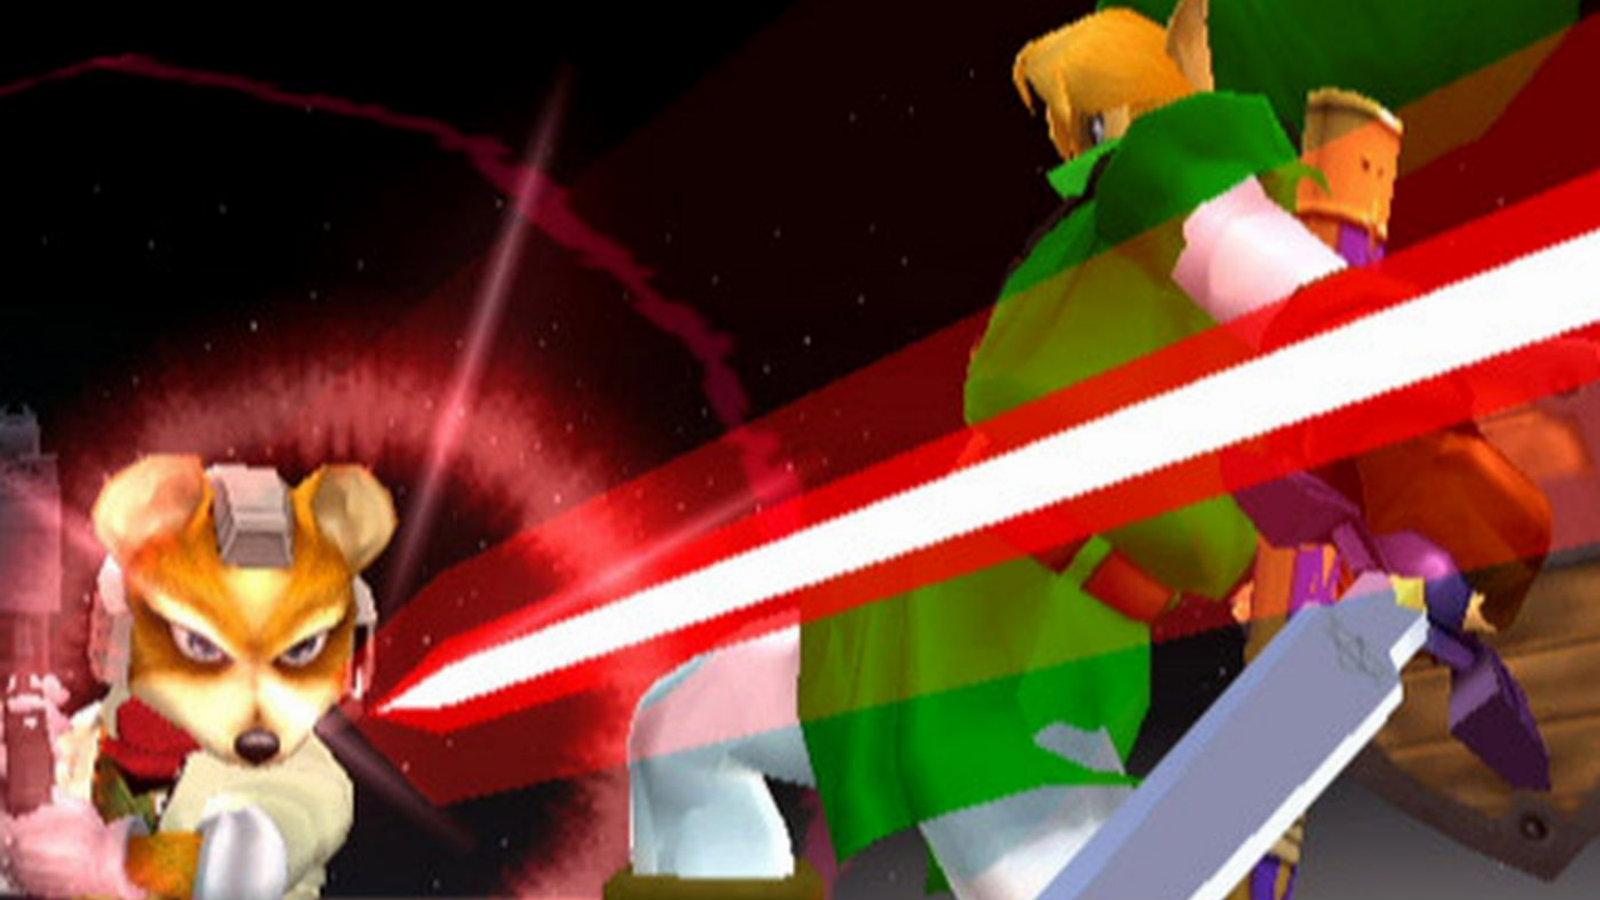 Link dodges Fox laser